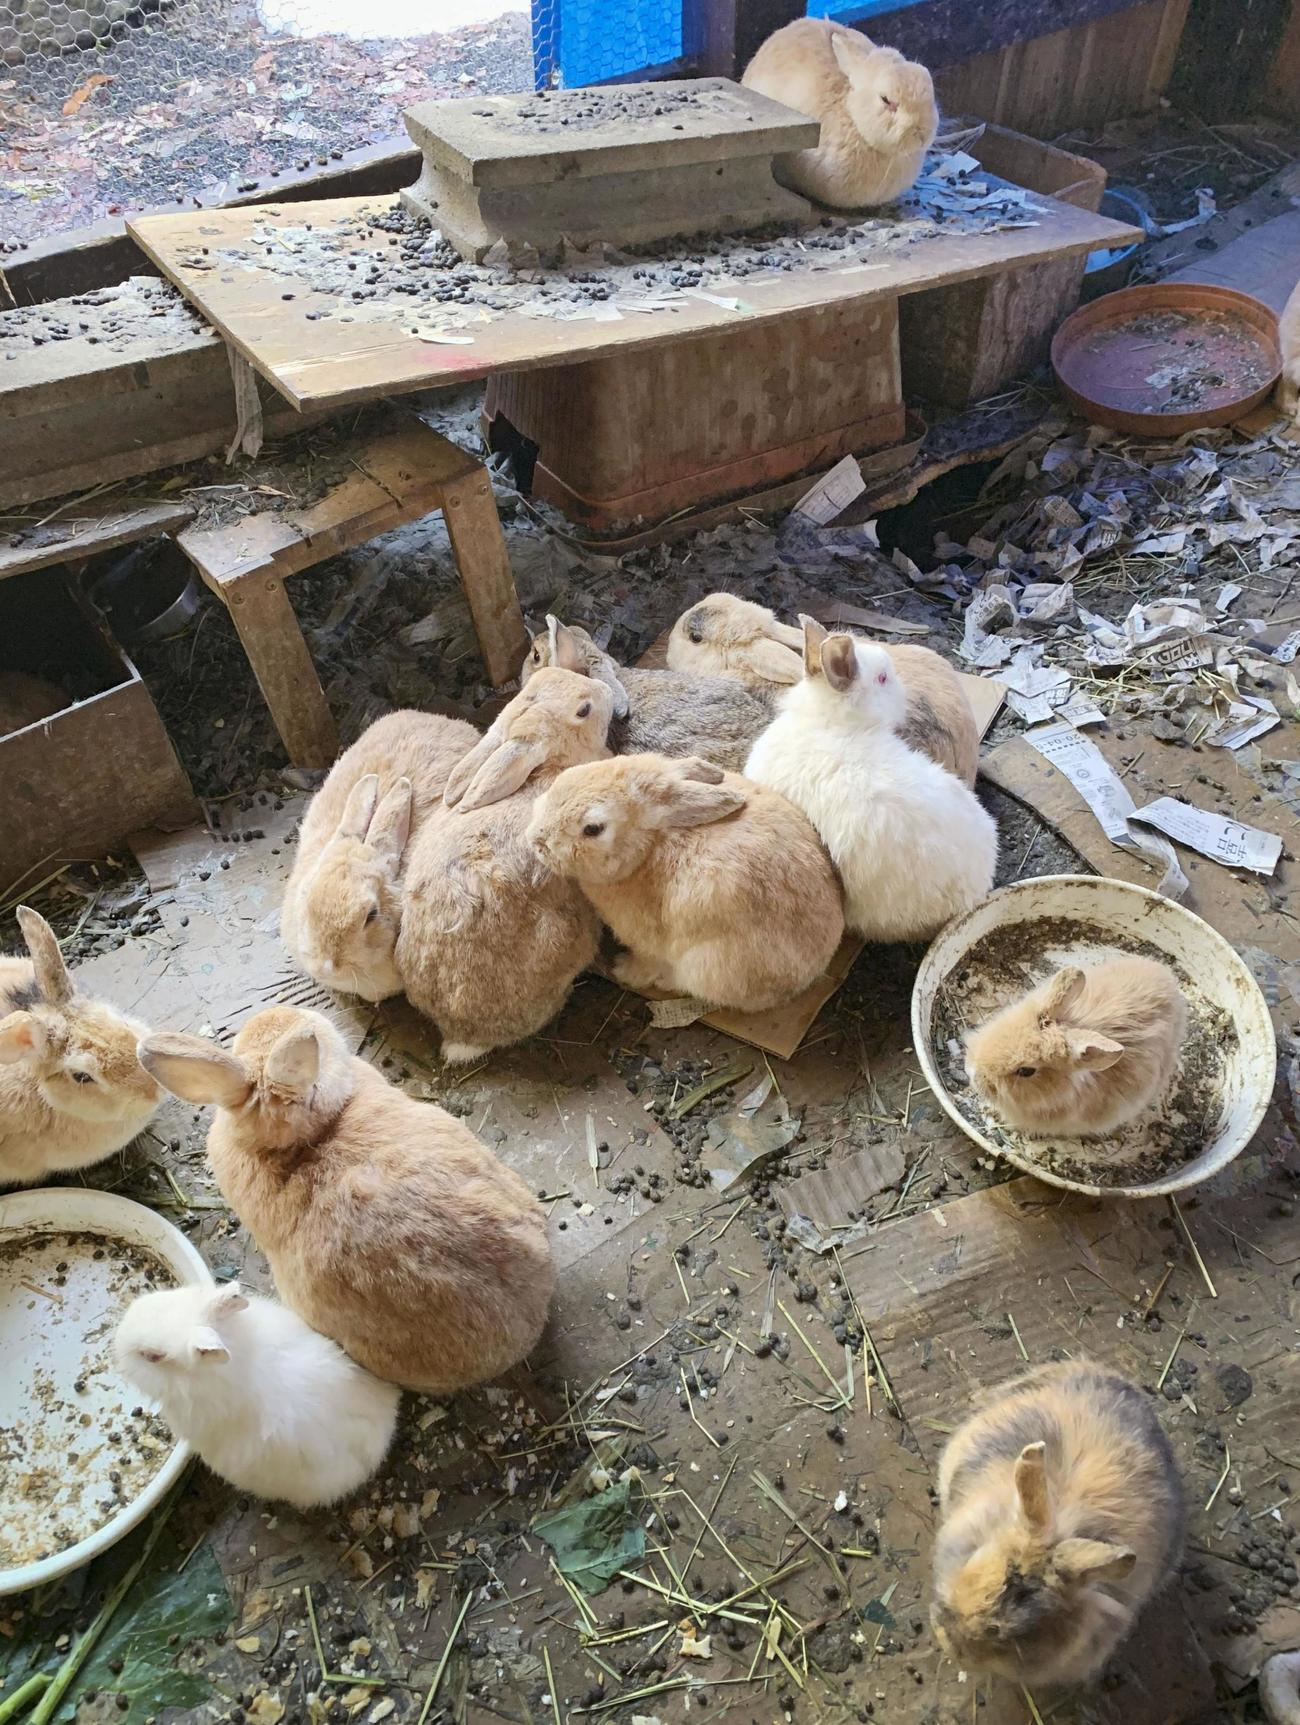 排せつ物が残る小屋の中で密集して生活するウサギ(共同)